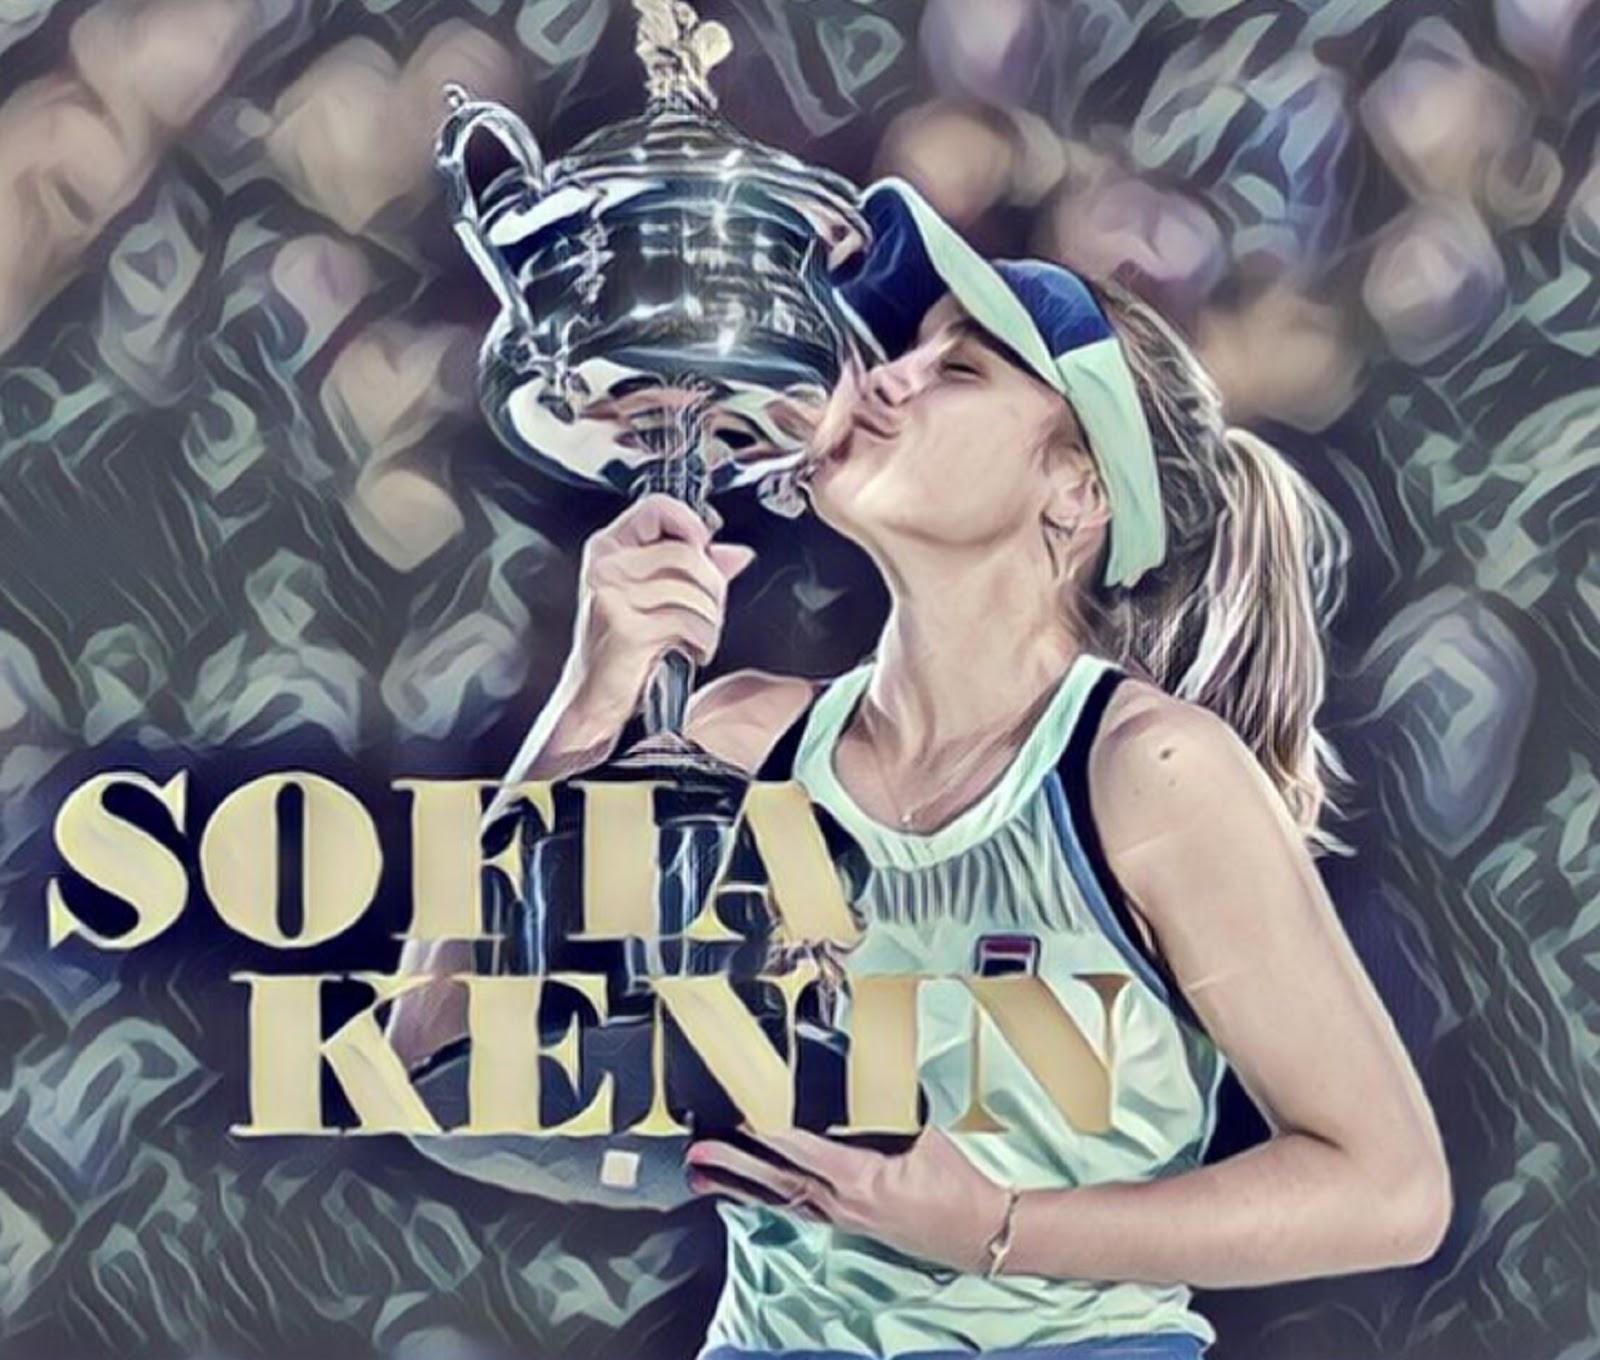 SOFIA KENIN 4